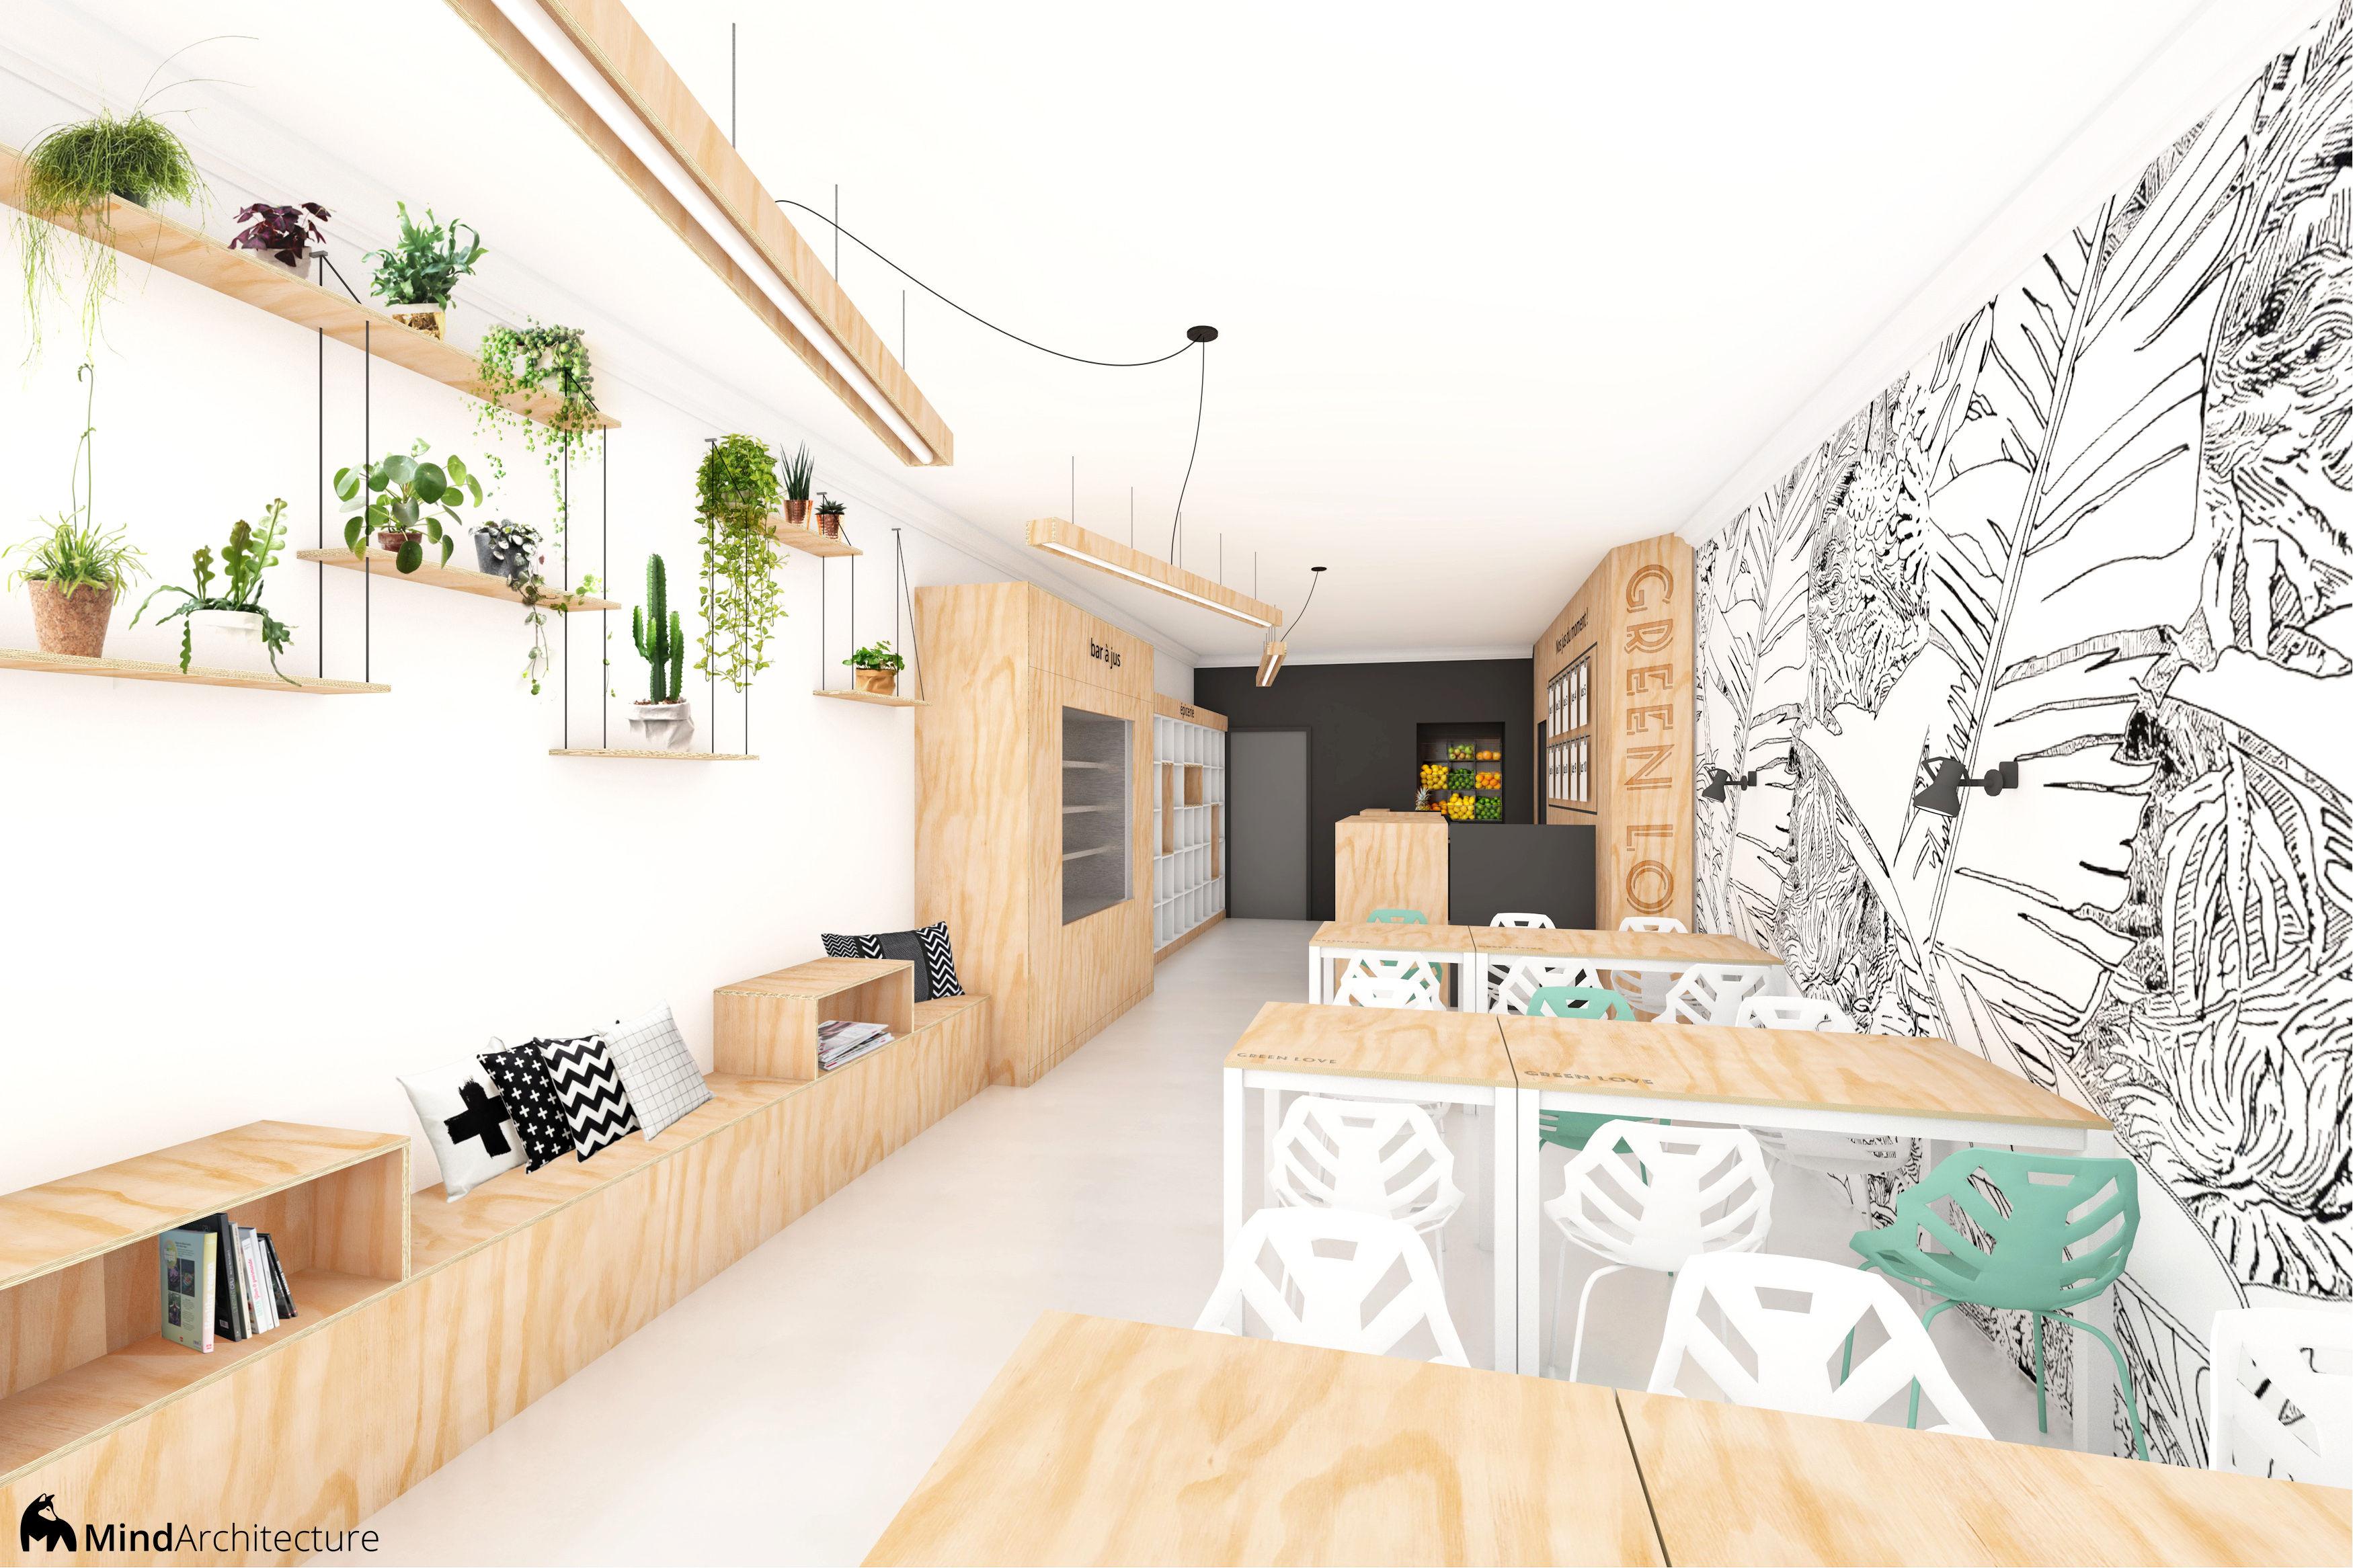 Interieur D Un Bar green love : projet d'architecture d'intérieur pour un bar à